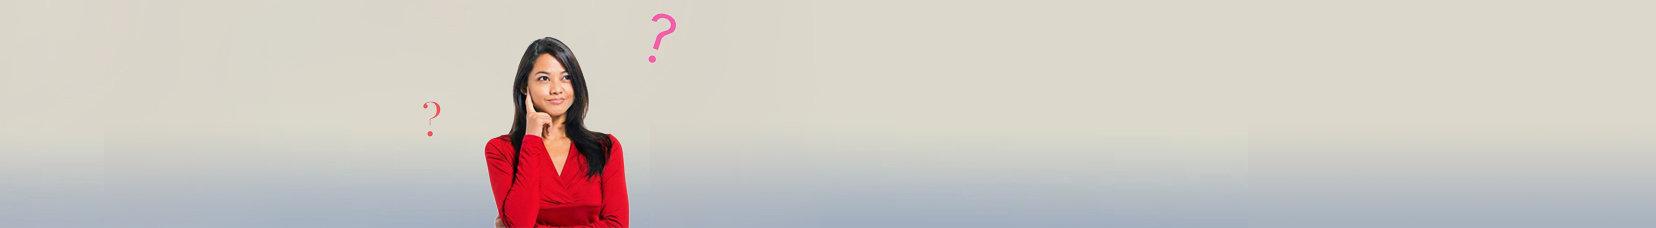 banner long blank narrow quest.jpg